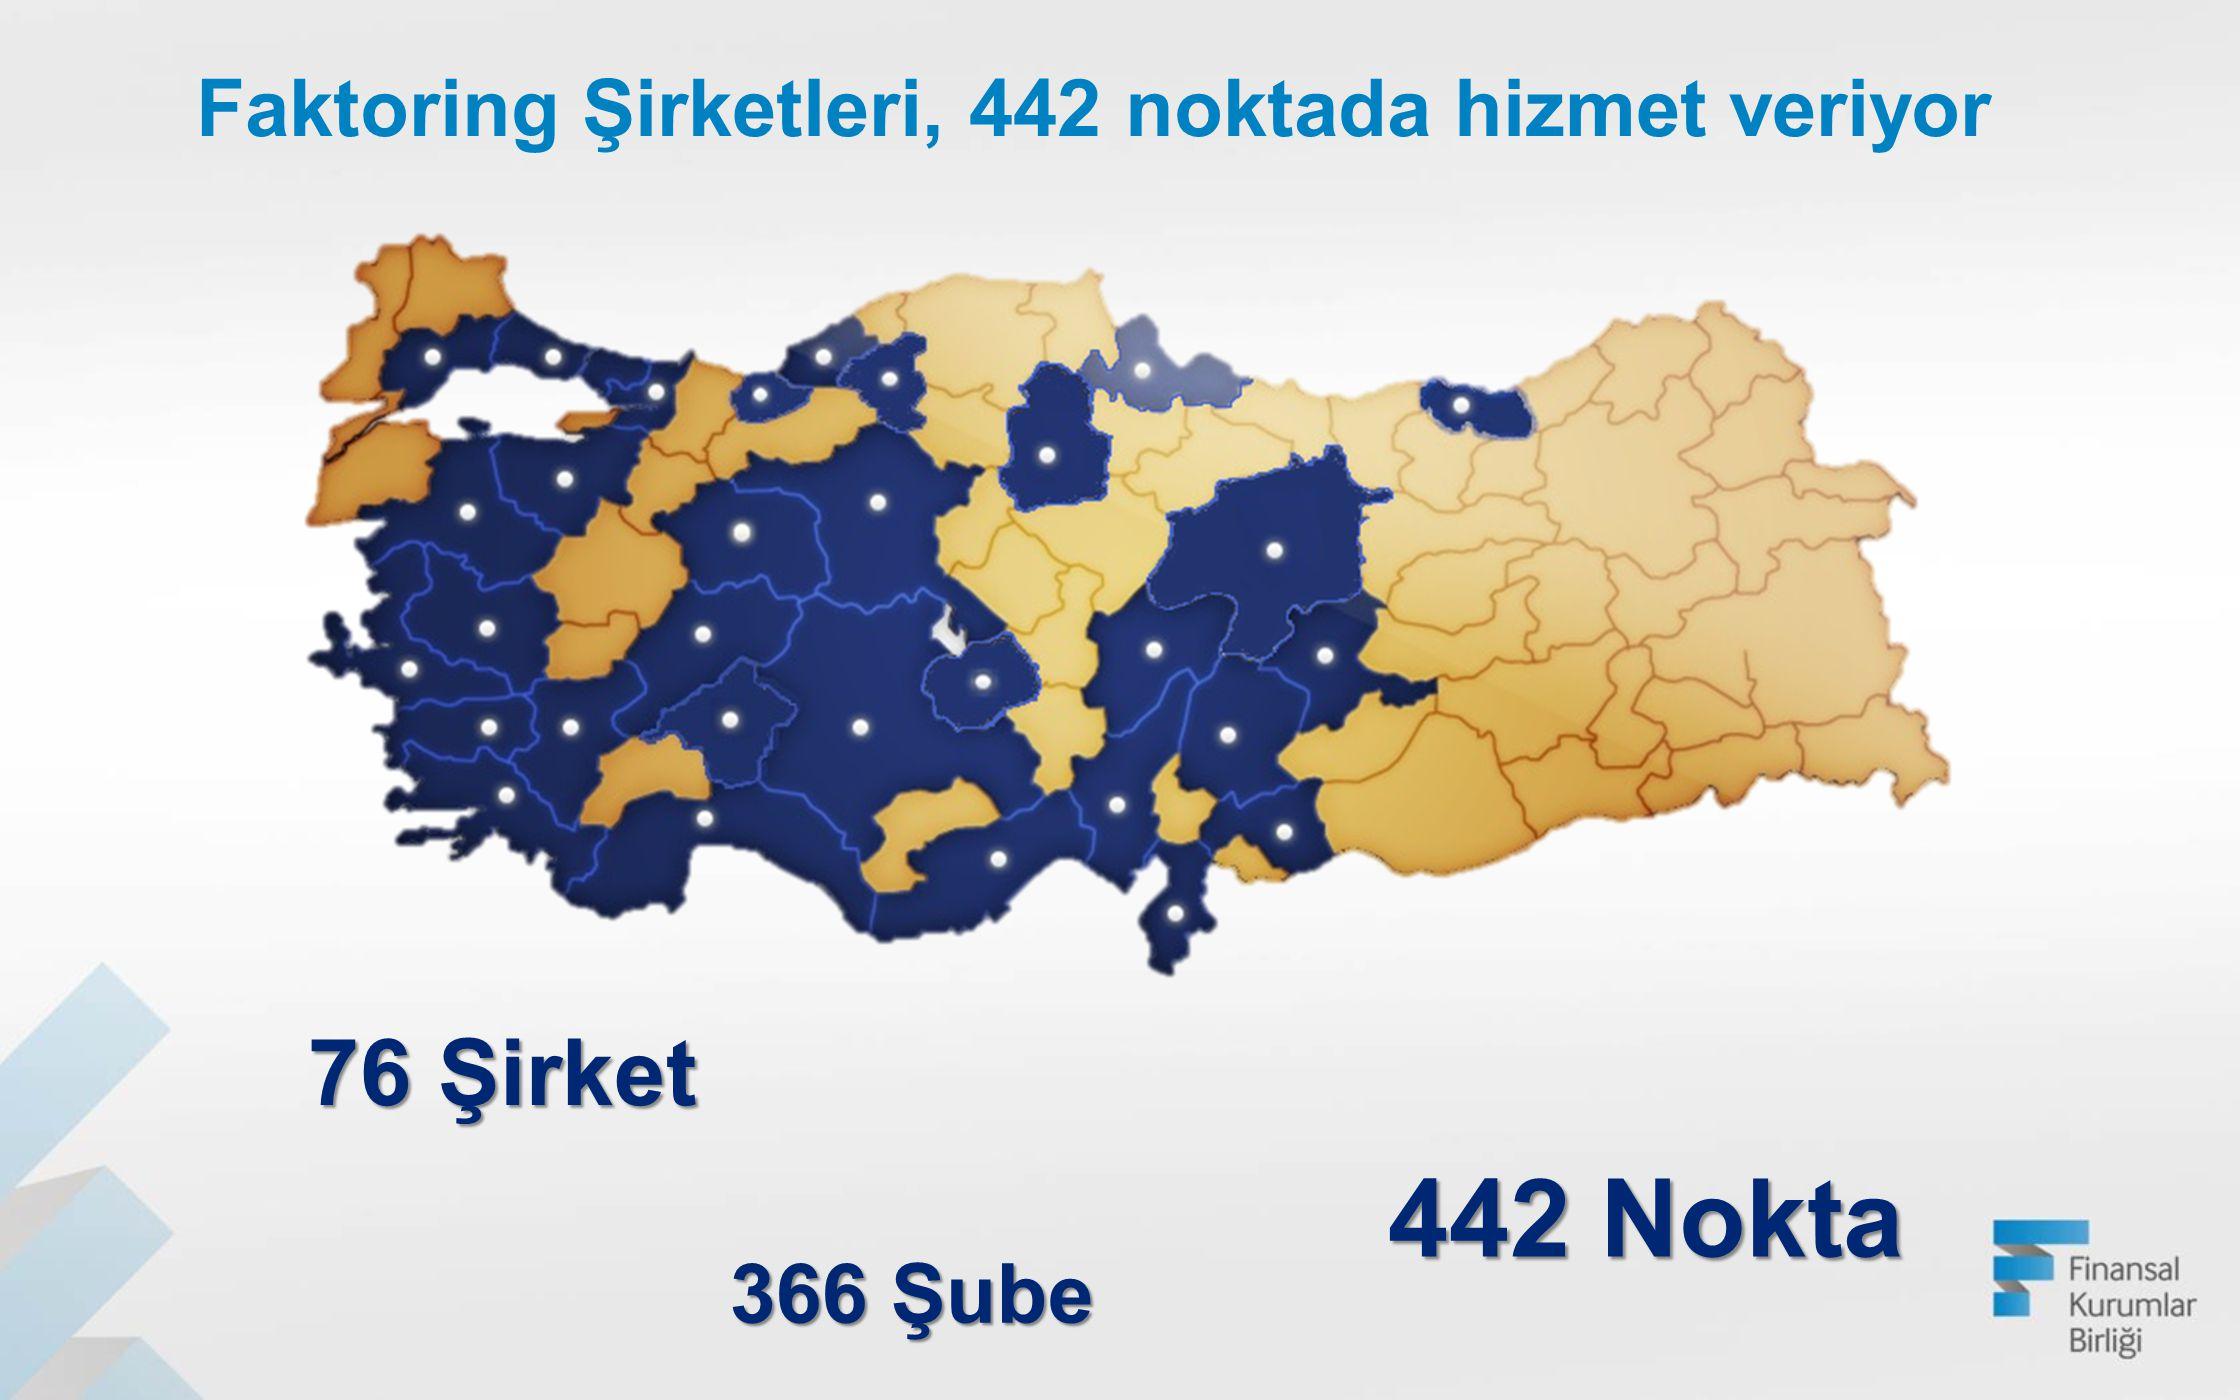 76 Şirket 366 Şube 442 Nokta Faktoring Şirketleri, 442 noktada hizmet veriyor